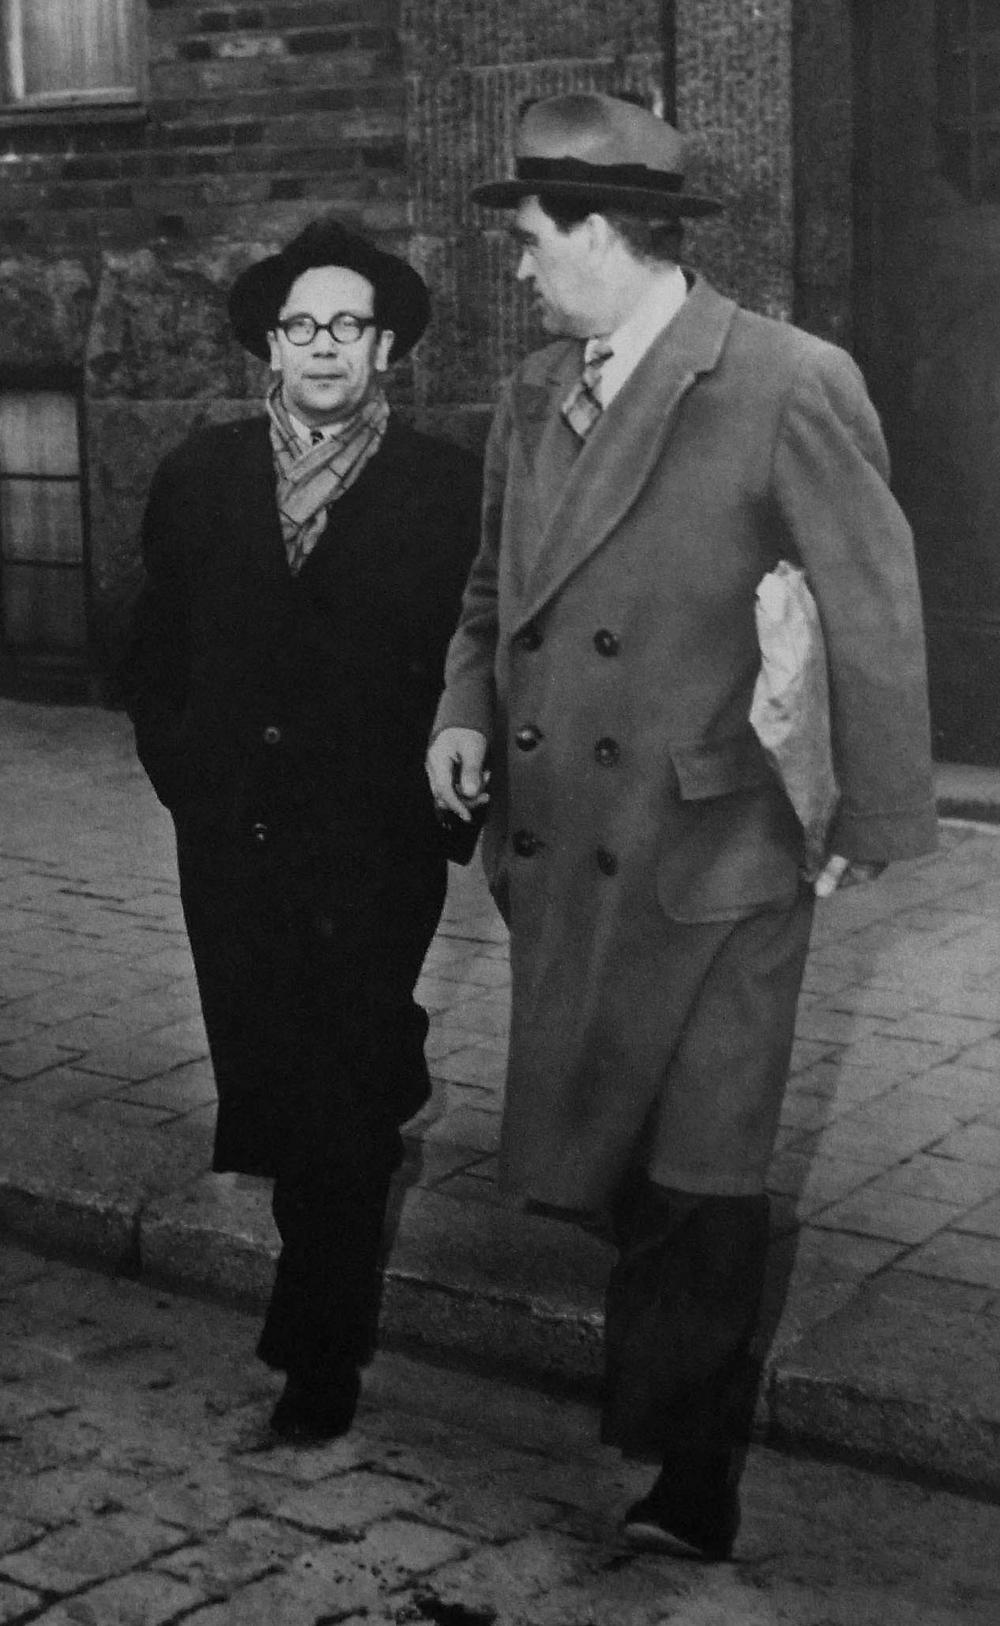 Kejne stod inte ensam. Här uppbackad av Vilhelm Moberg som inte tvekade inför att avslöja makthavarnas fulspel. (Fotograf okänd, 1951)